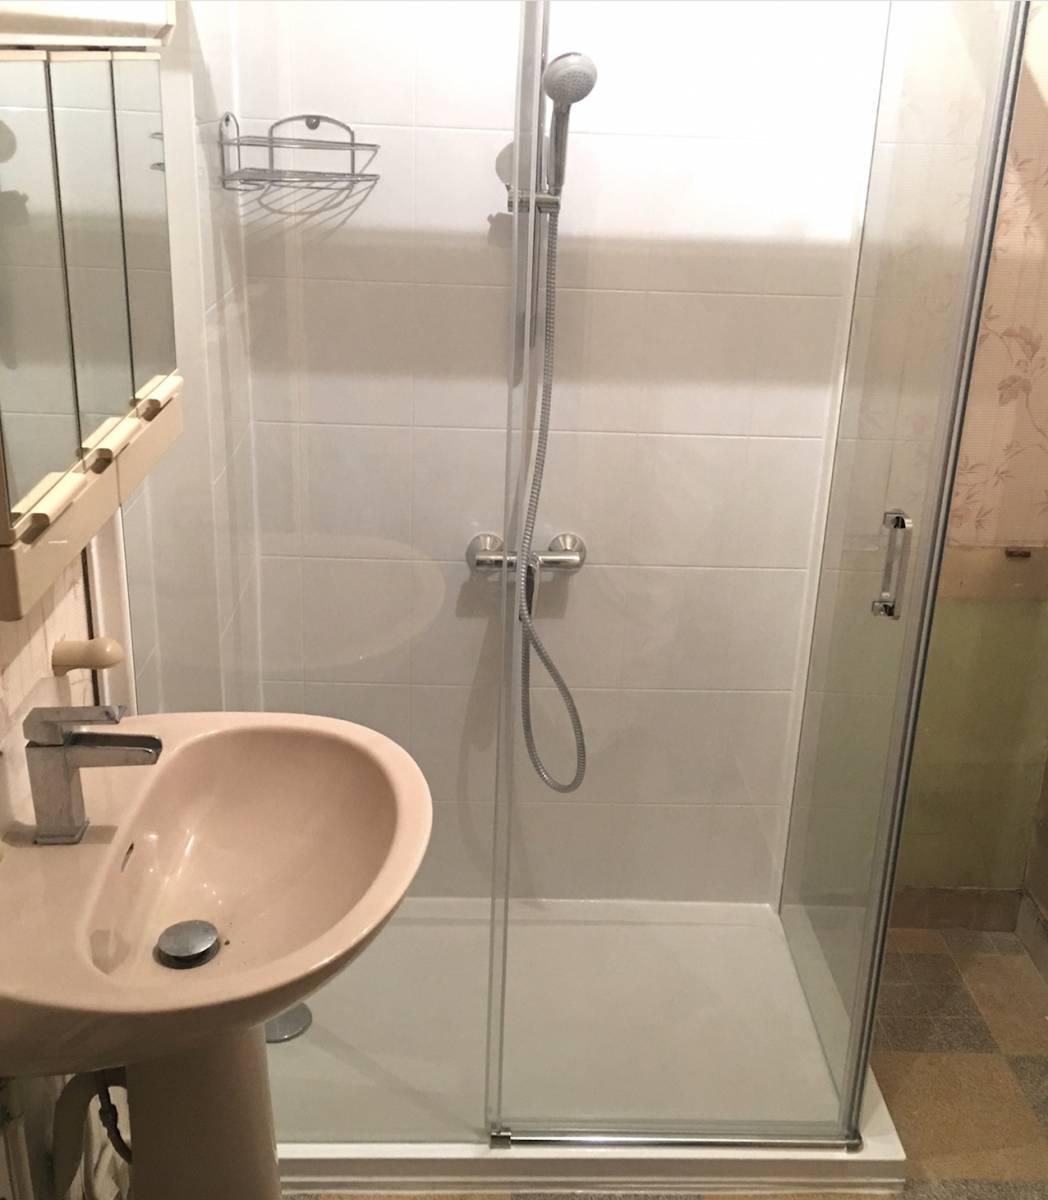 remplacer sa baignoire par une douche sans travaux simple remplacer sa baignoire par une douche. Black Bedroom Furniture Sets. Home Design Ideas